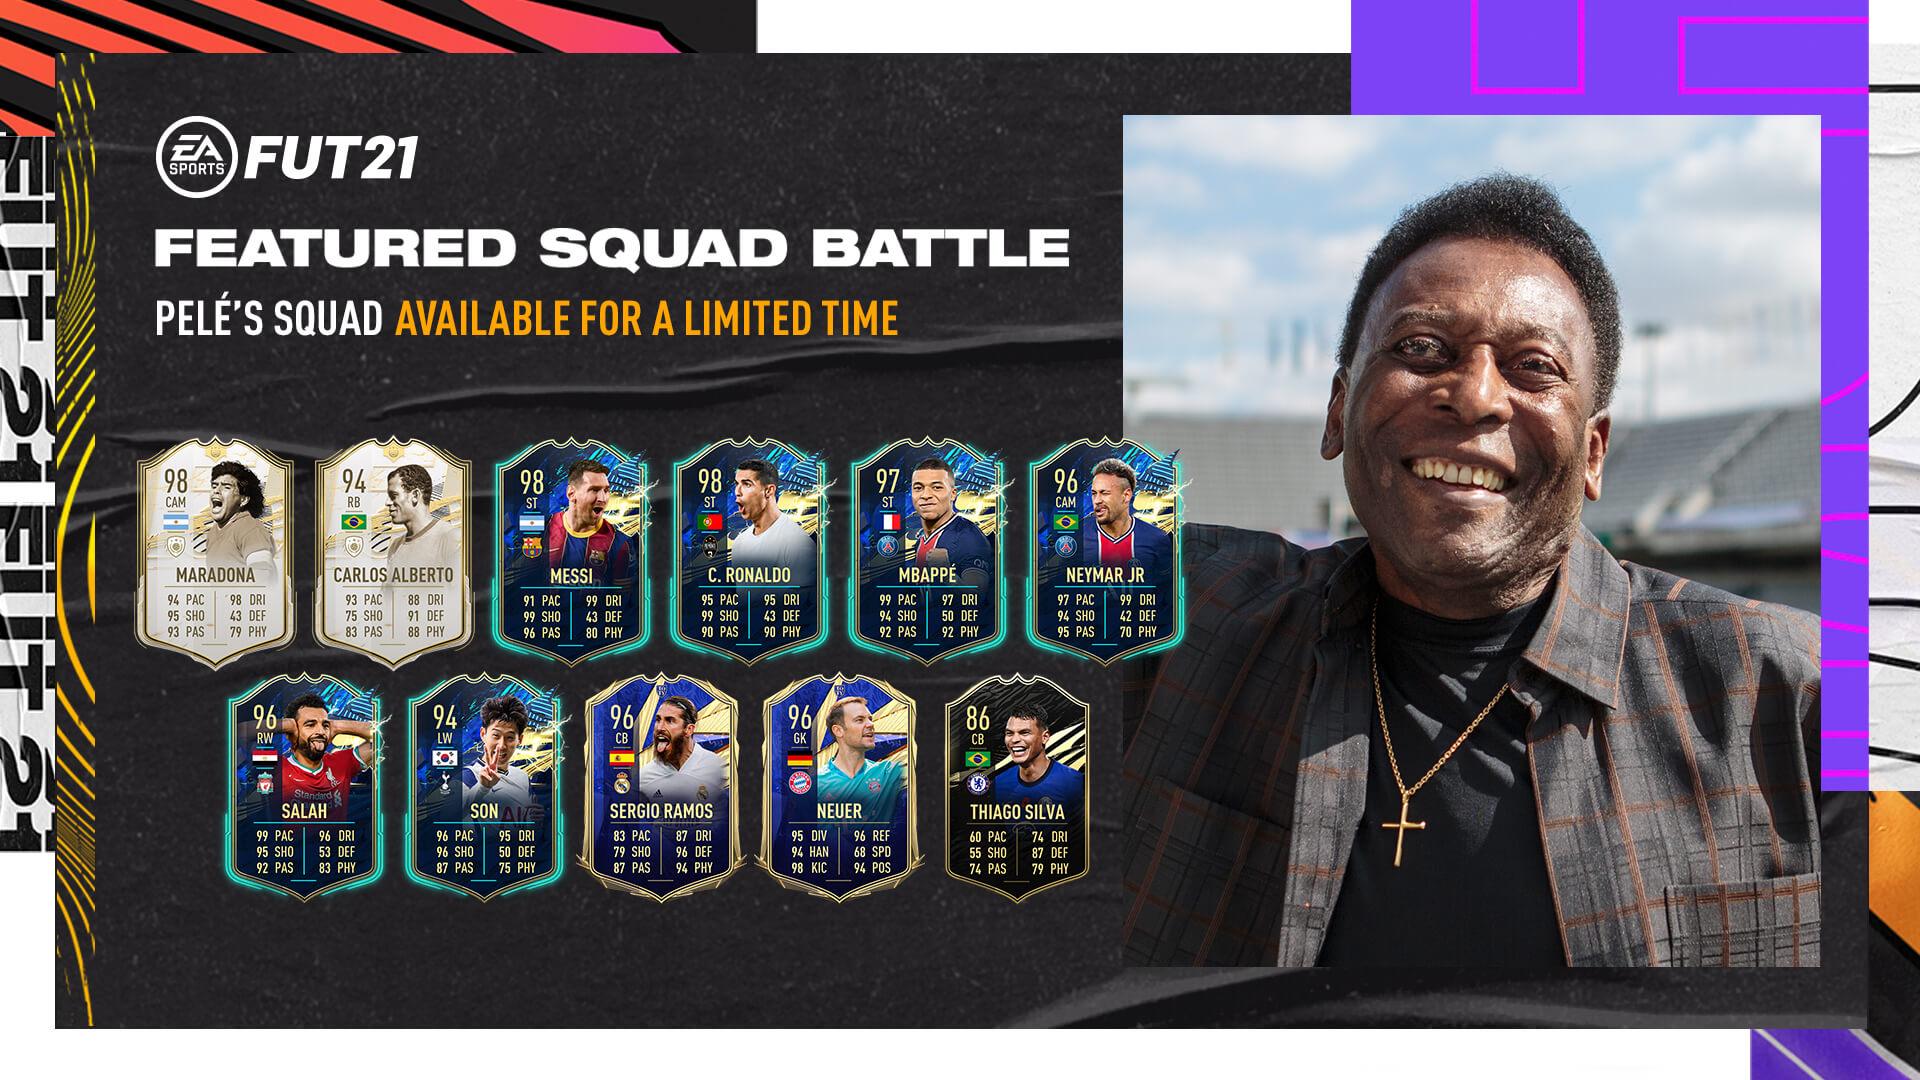 FIFA 21: El once histórico de Pelé llega a FIFA Ultimate Team